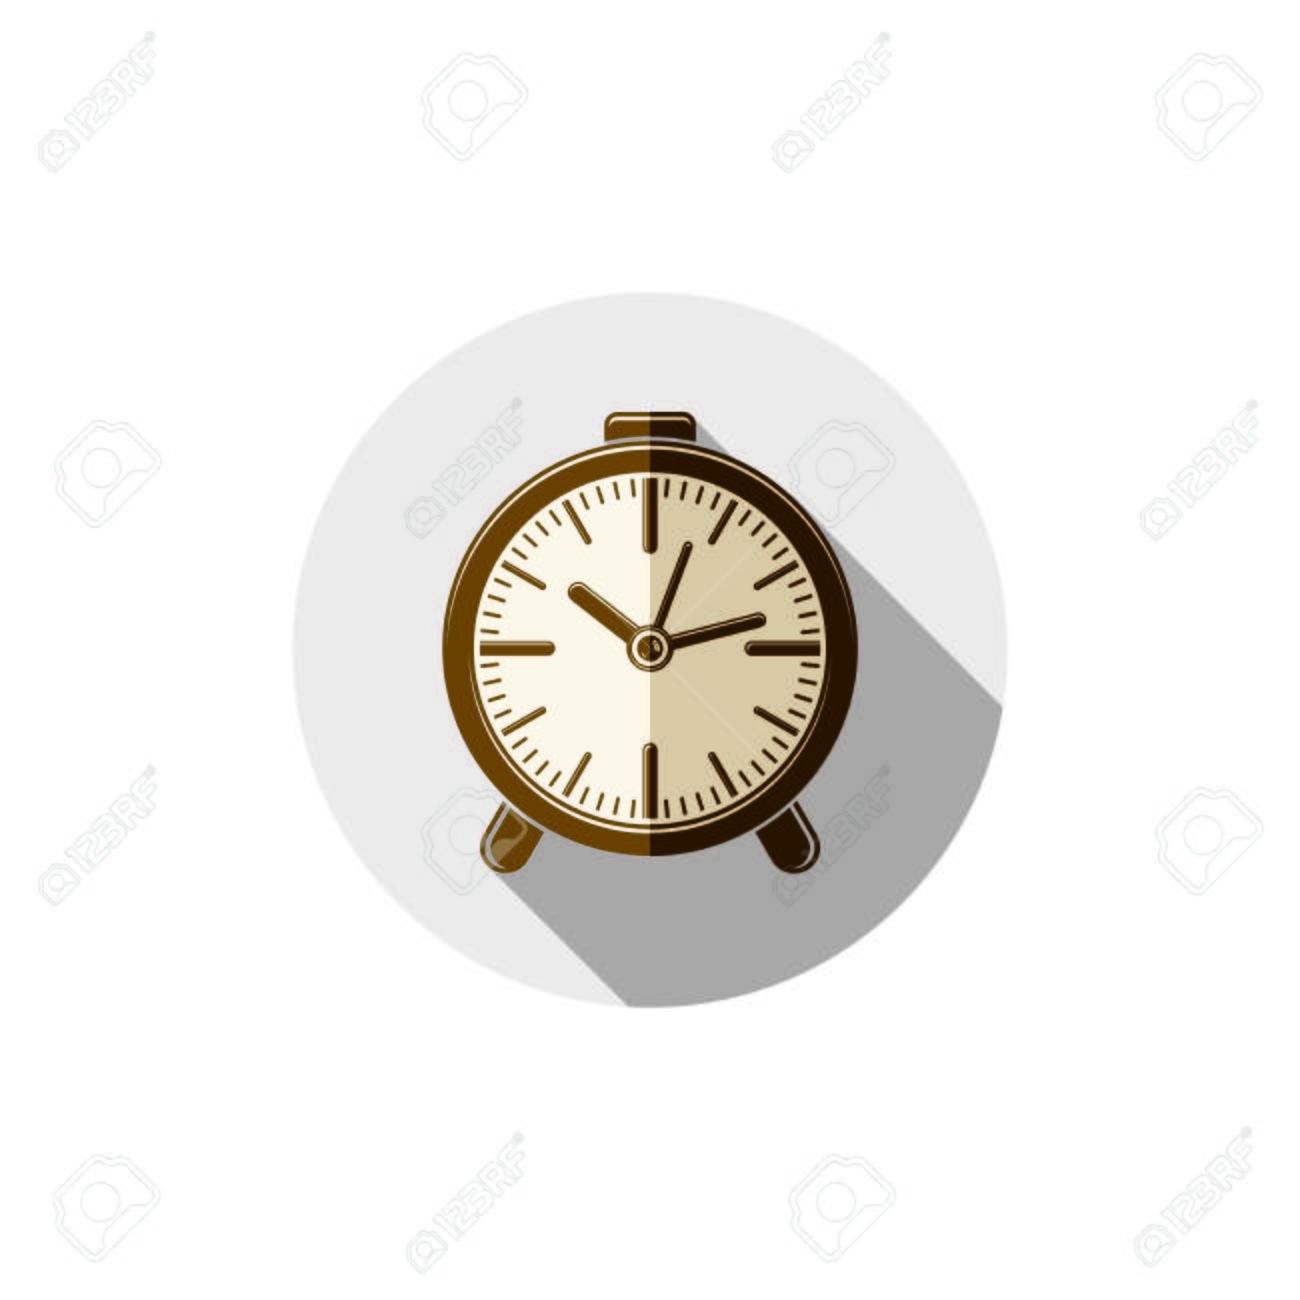 c41e7d657484 Despierta Idea Ilustración Clásico Tridimensional Reloj Despertador Aislado  En Blanco Reloj De Mesa